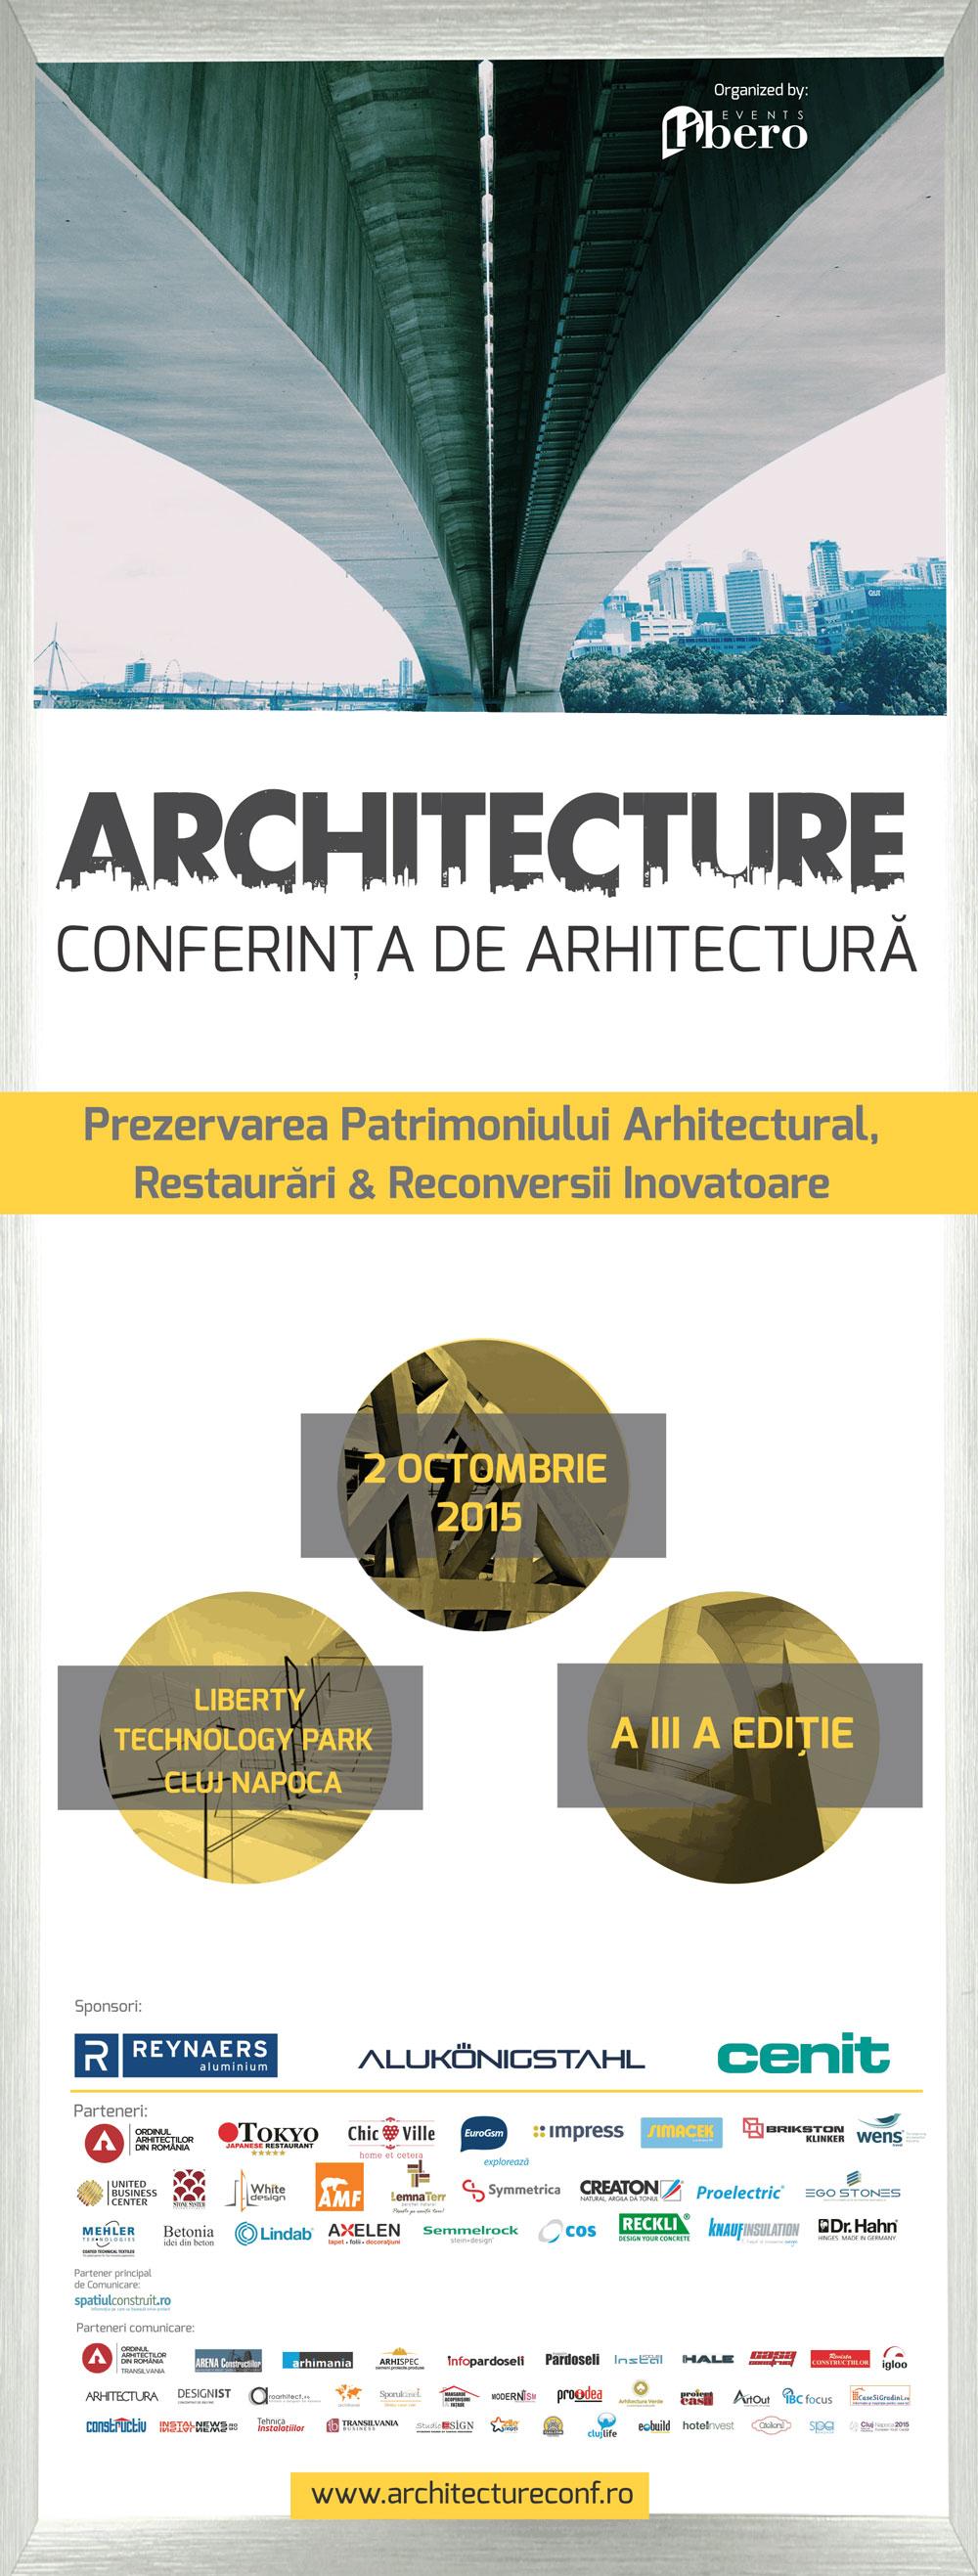 Architecture-Afis-parteneri